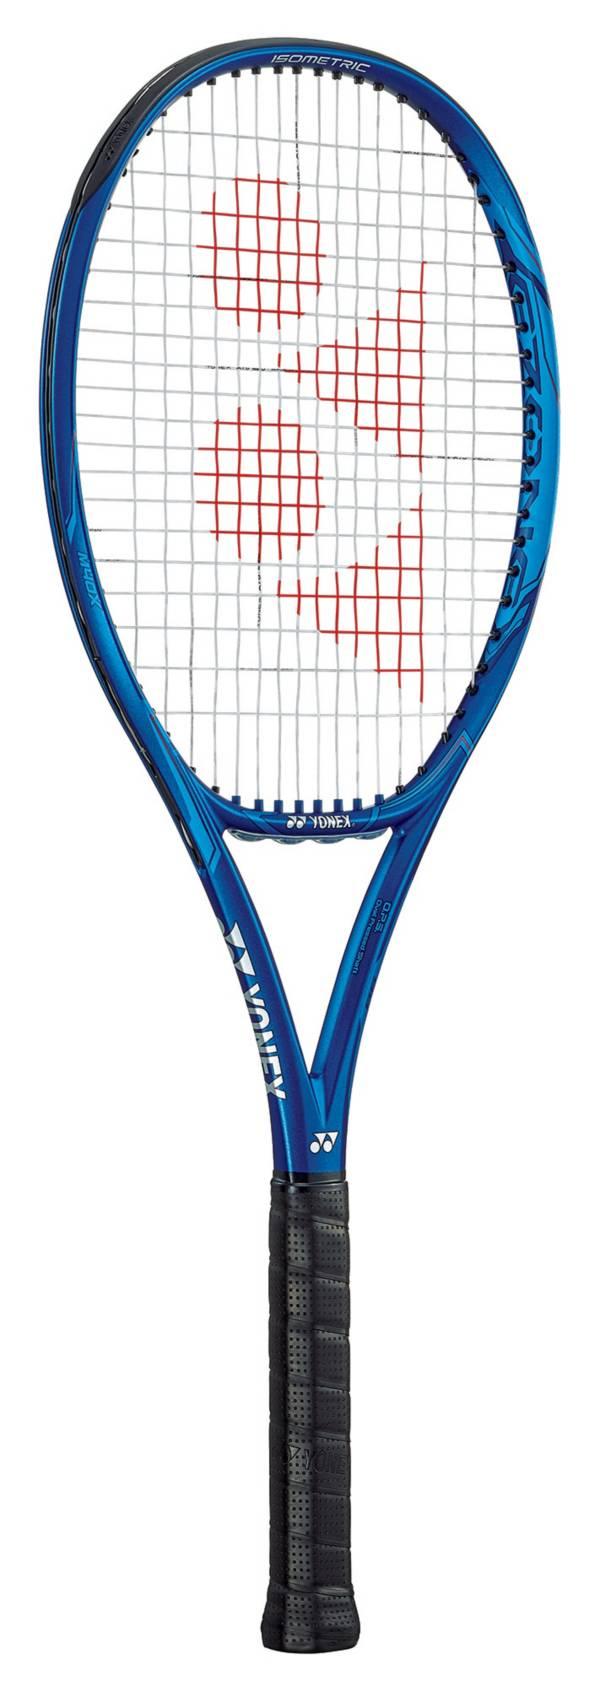 Yonex Ezone 98 Tennis Racquet product image